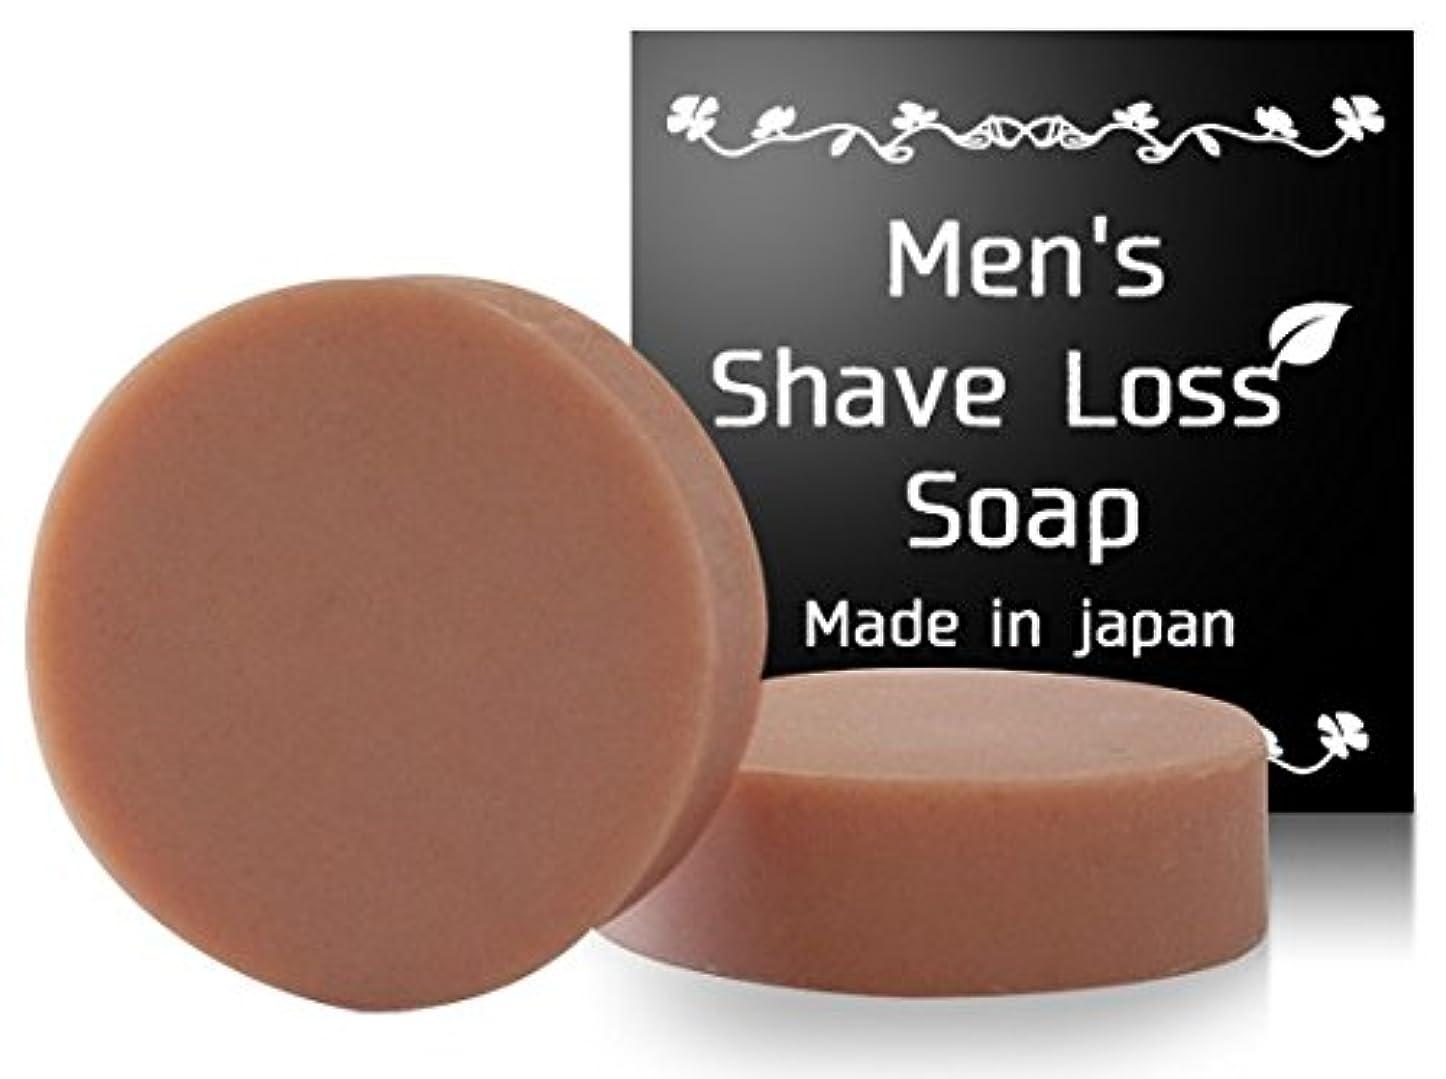 教育学冗談で手綱Mens Shave Loss Soap シェーブロス 剛毛は嫌!ツルツル過ぎも嫌! そんな夢を叶えた奇跡の石鹸! 【男性専用】(1個)